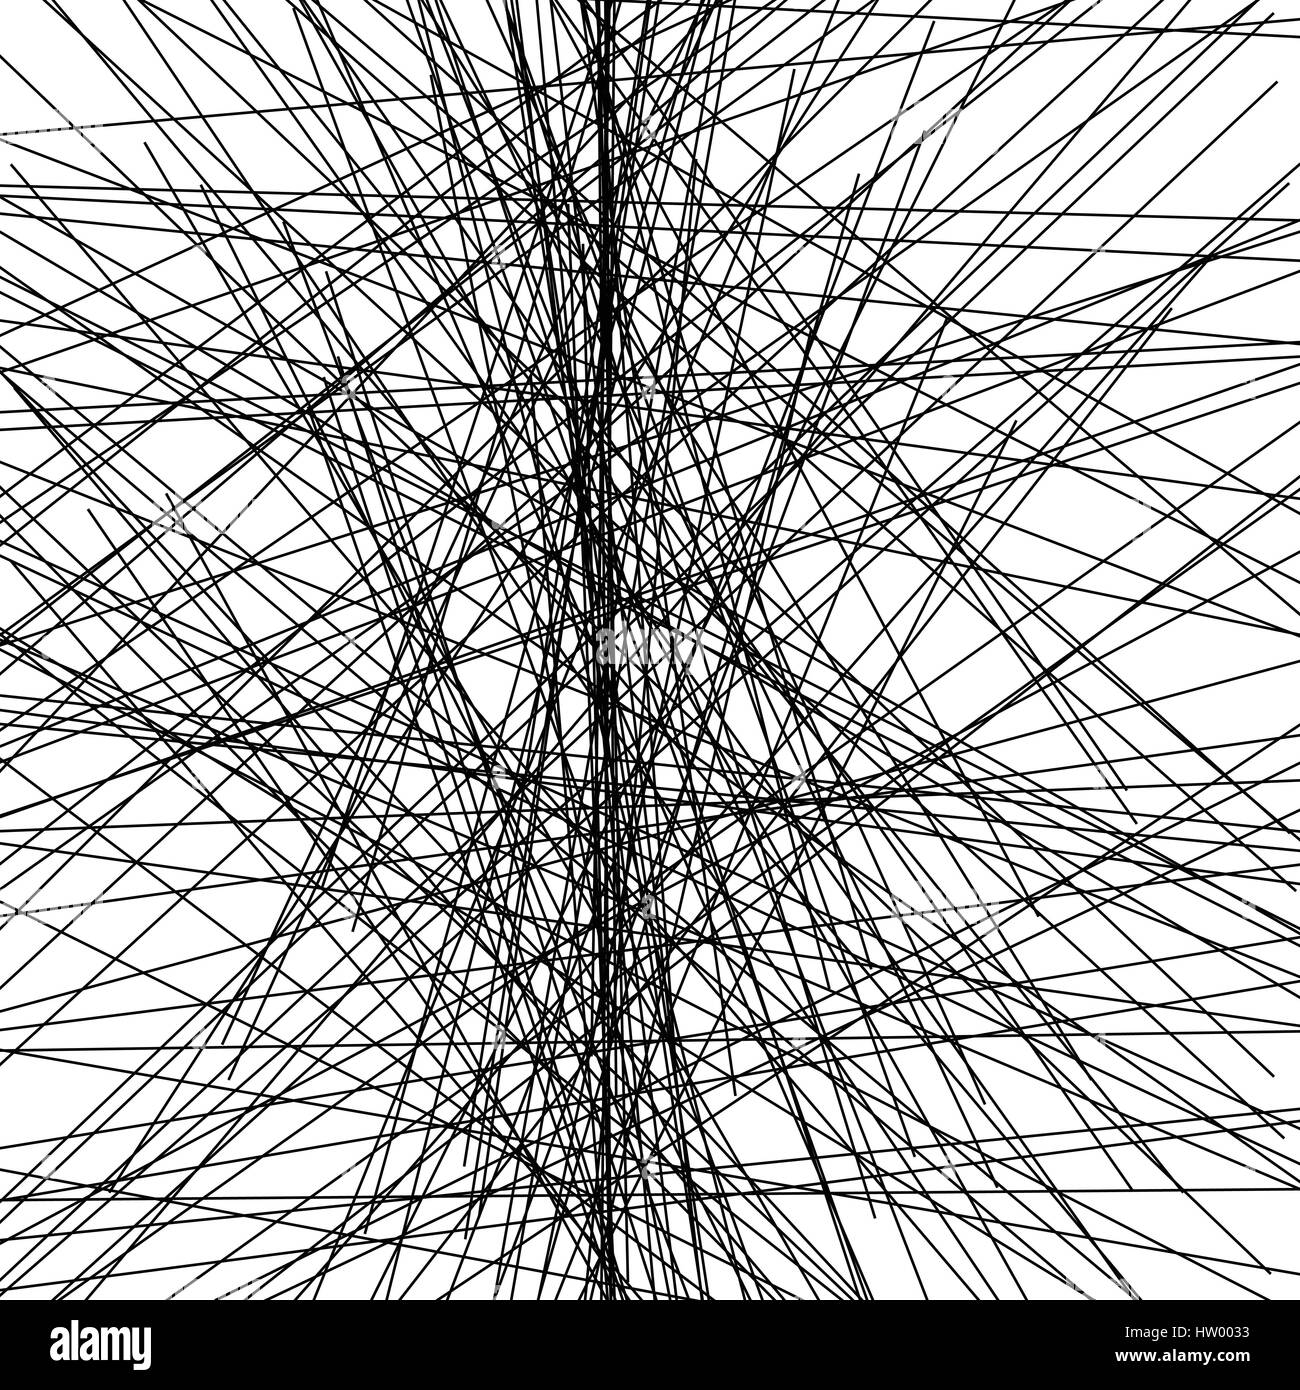 Zufällige chaotische Linien abstrakte geometrische Muster / Textur ...